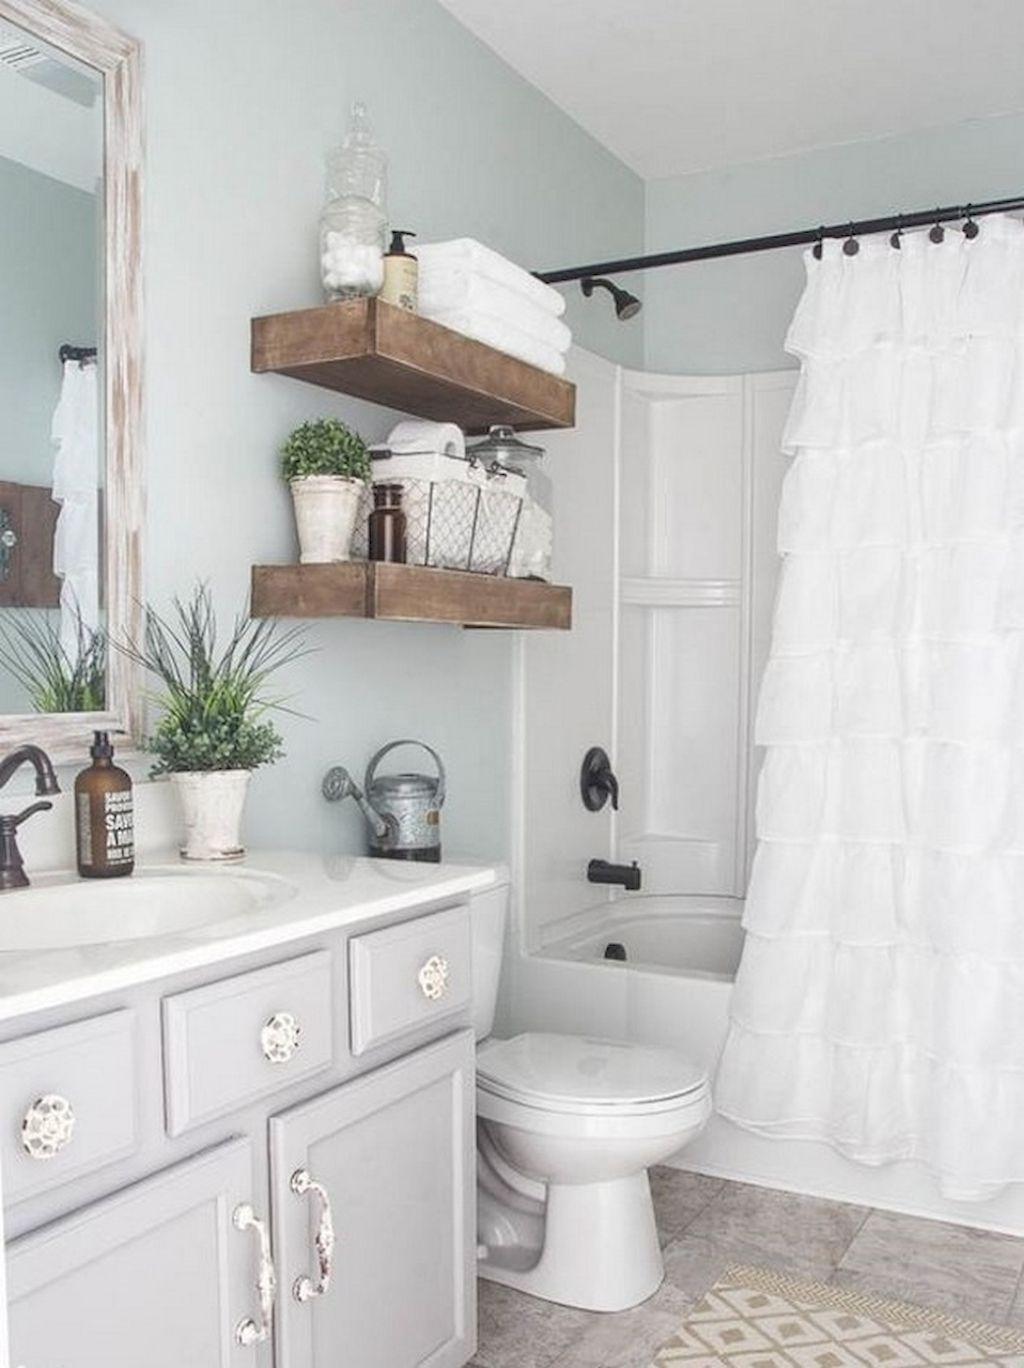 150 Stunning Small Farmhouse Bathroom Decor Ideas